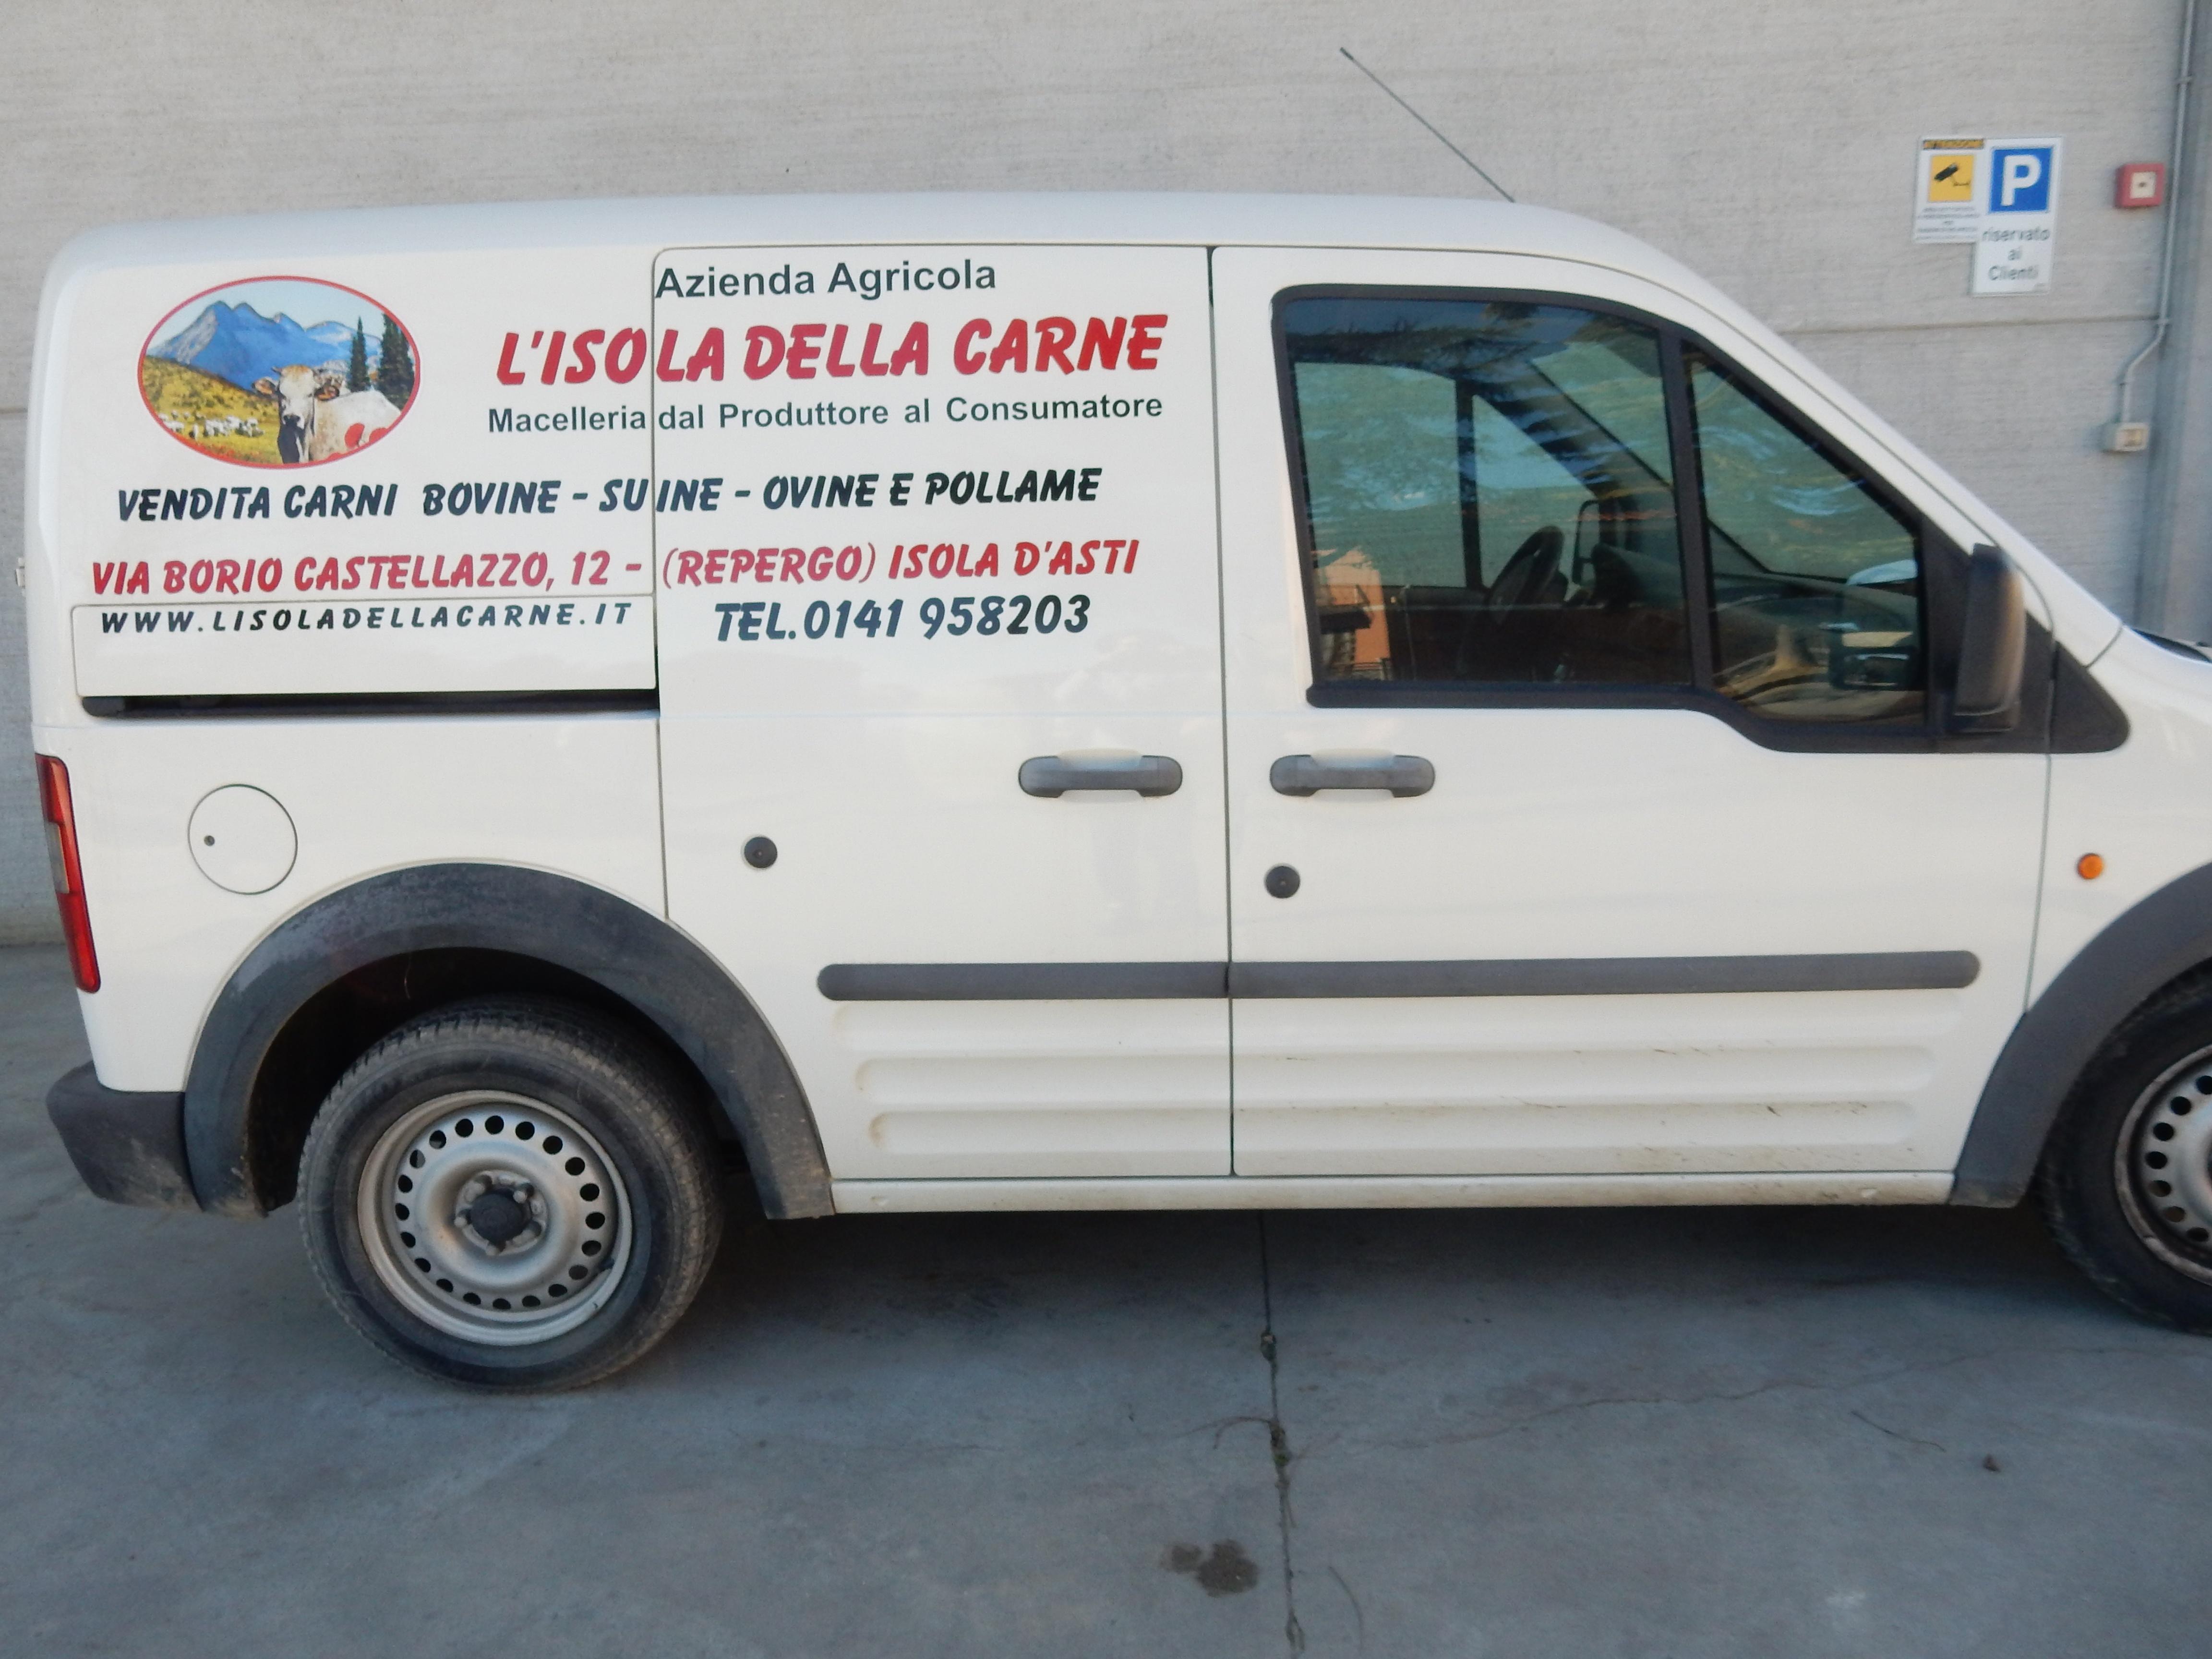 Effettuiamo il servizio a domicilio nelle zone di Asti